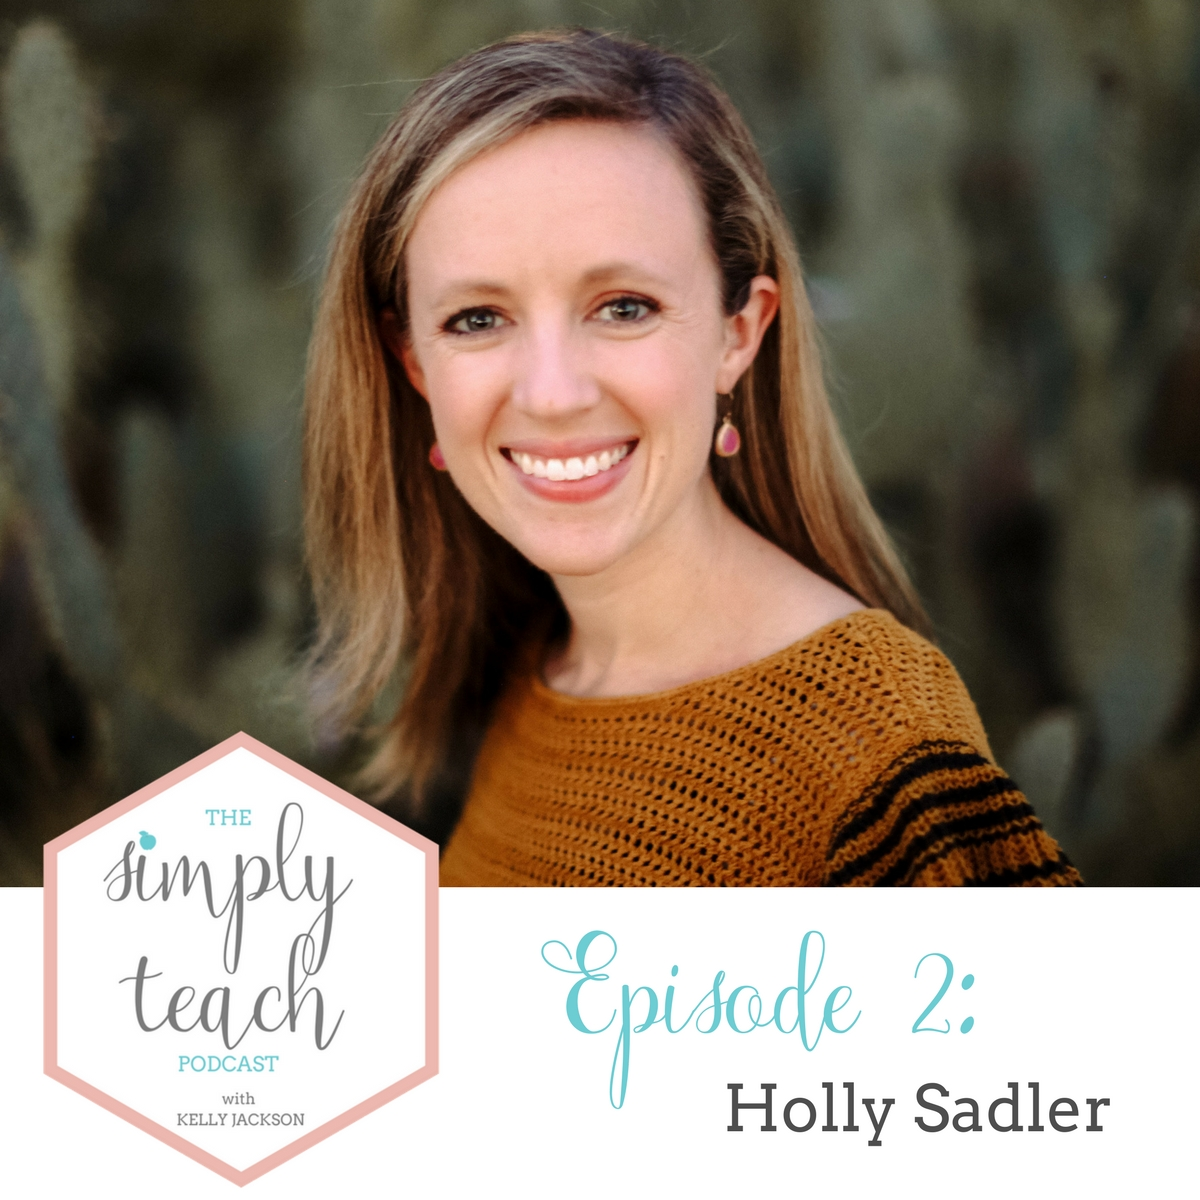 Simply Teach: A podcast for teachers, by teachers